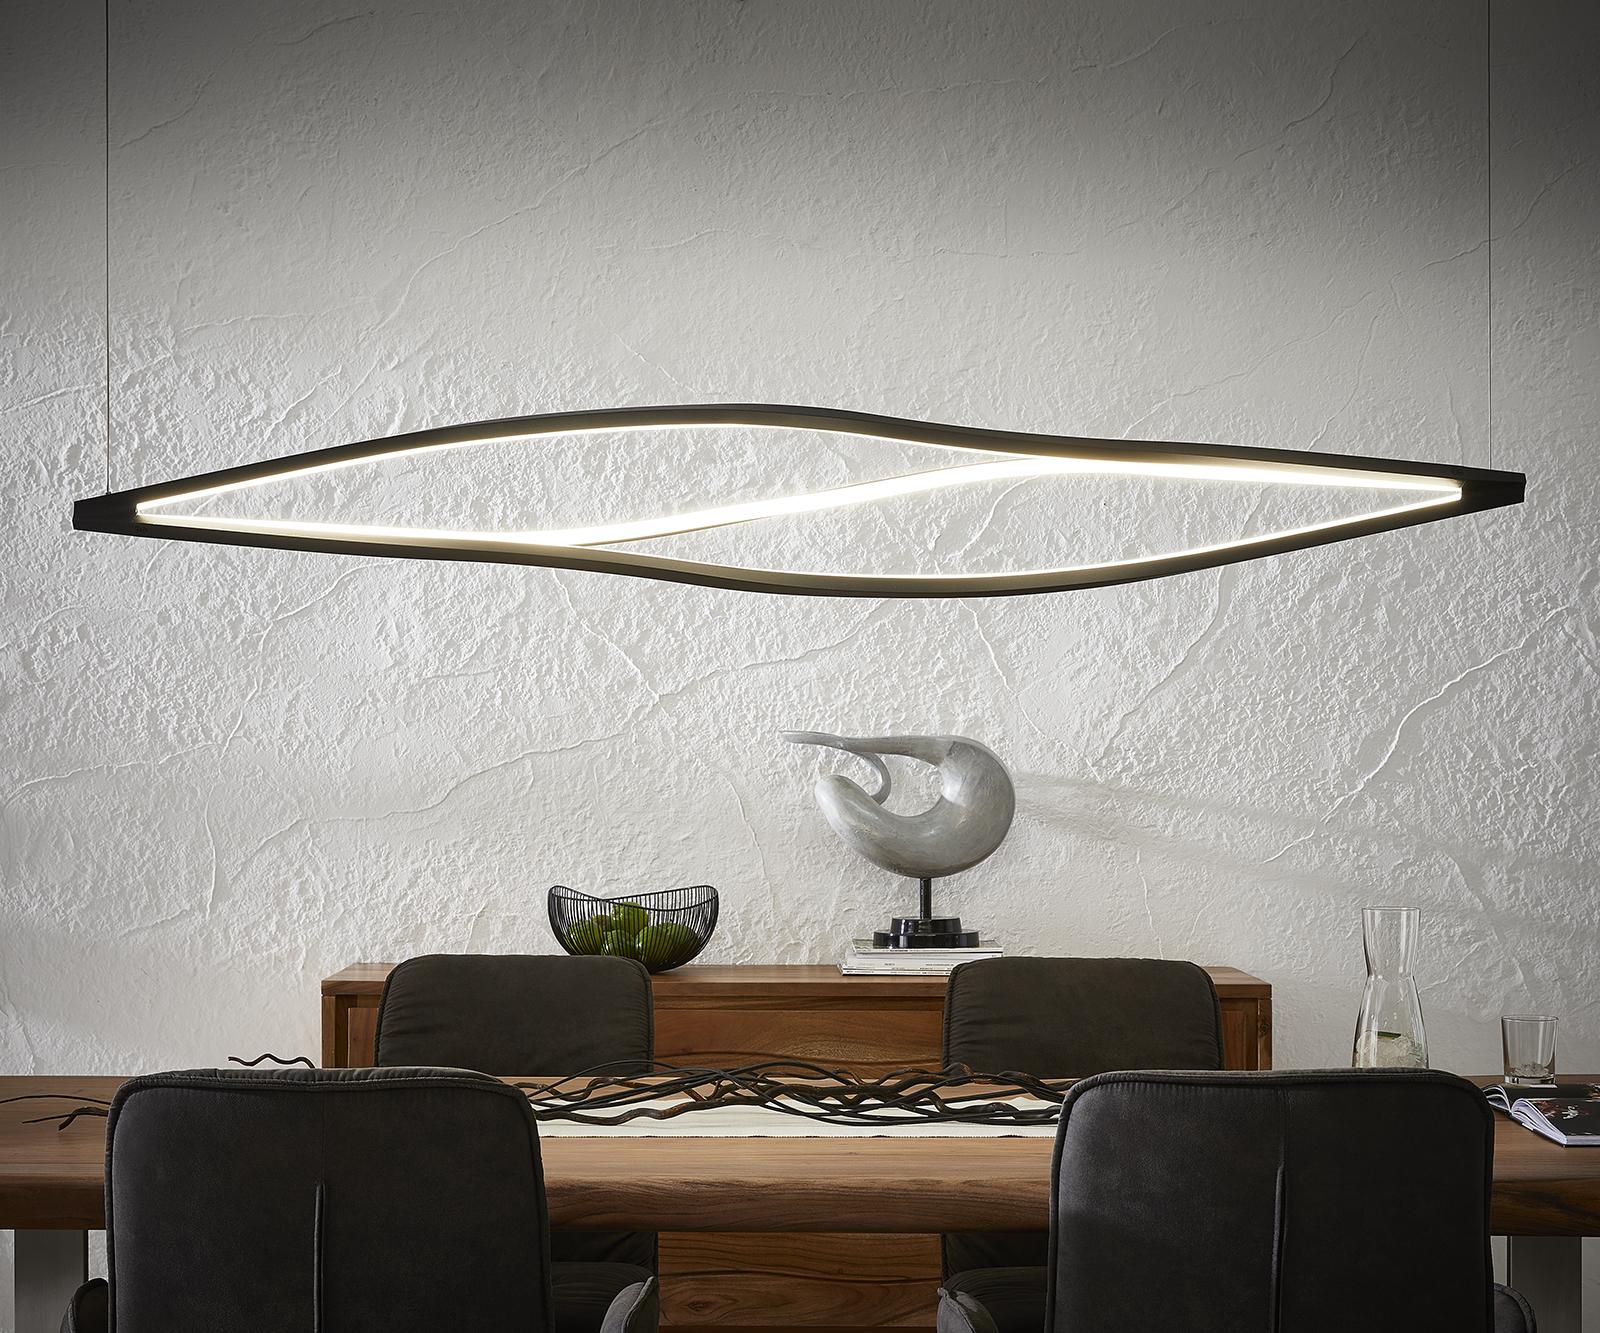 Deckenleuchte Gabbiano 178x144x27 cm schwarz LED 86W Designlampe